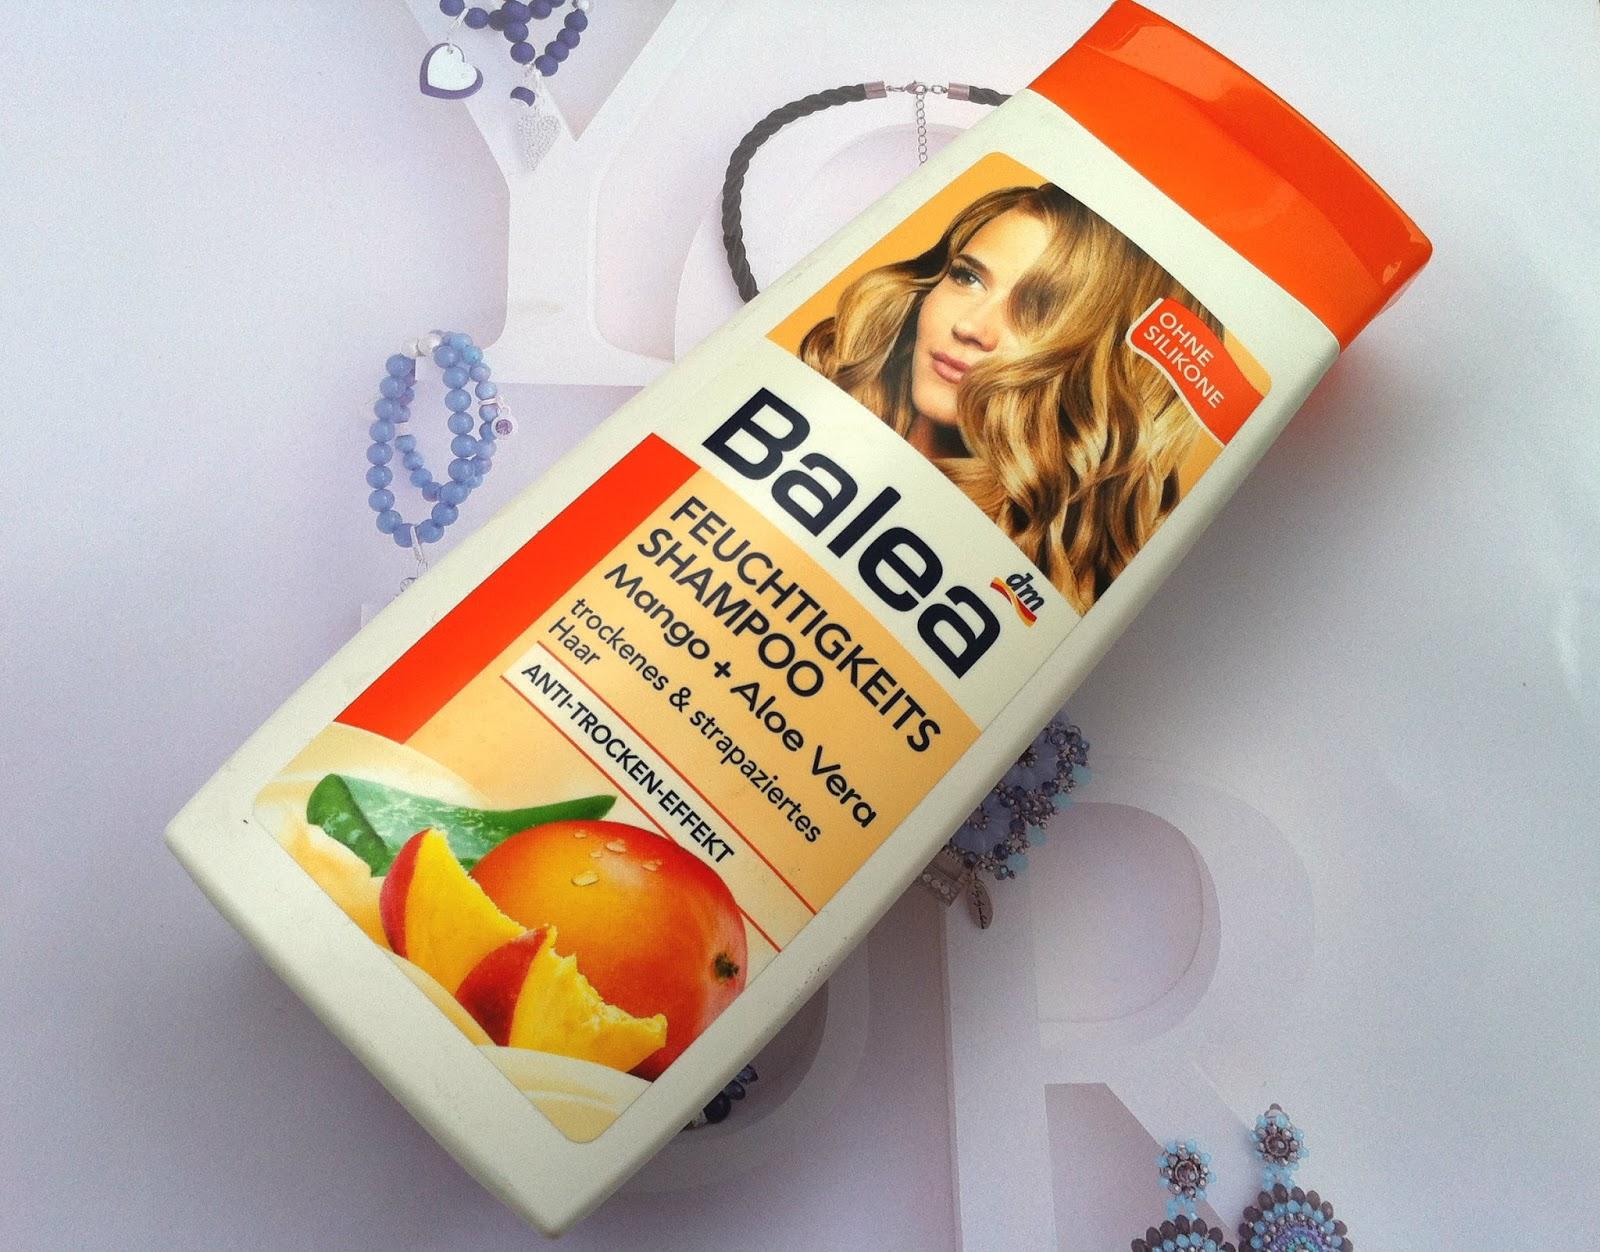 Balea szampon nawilżający mango i aloes!